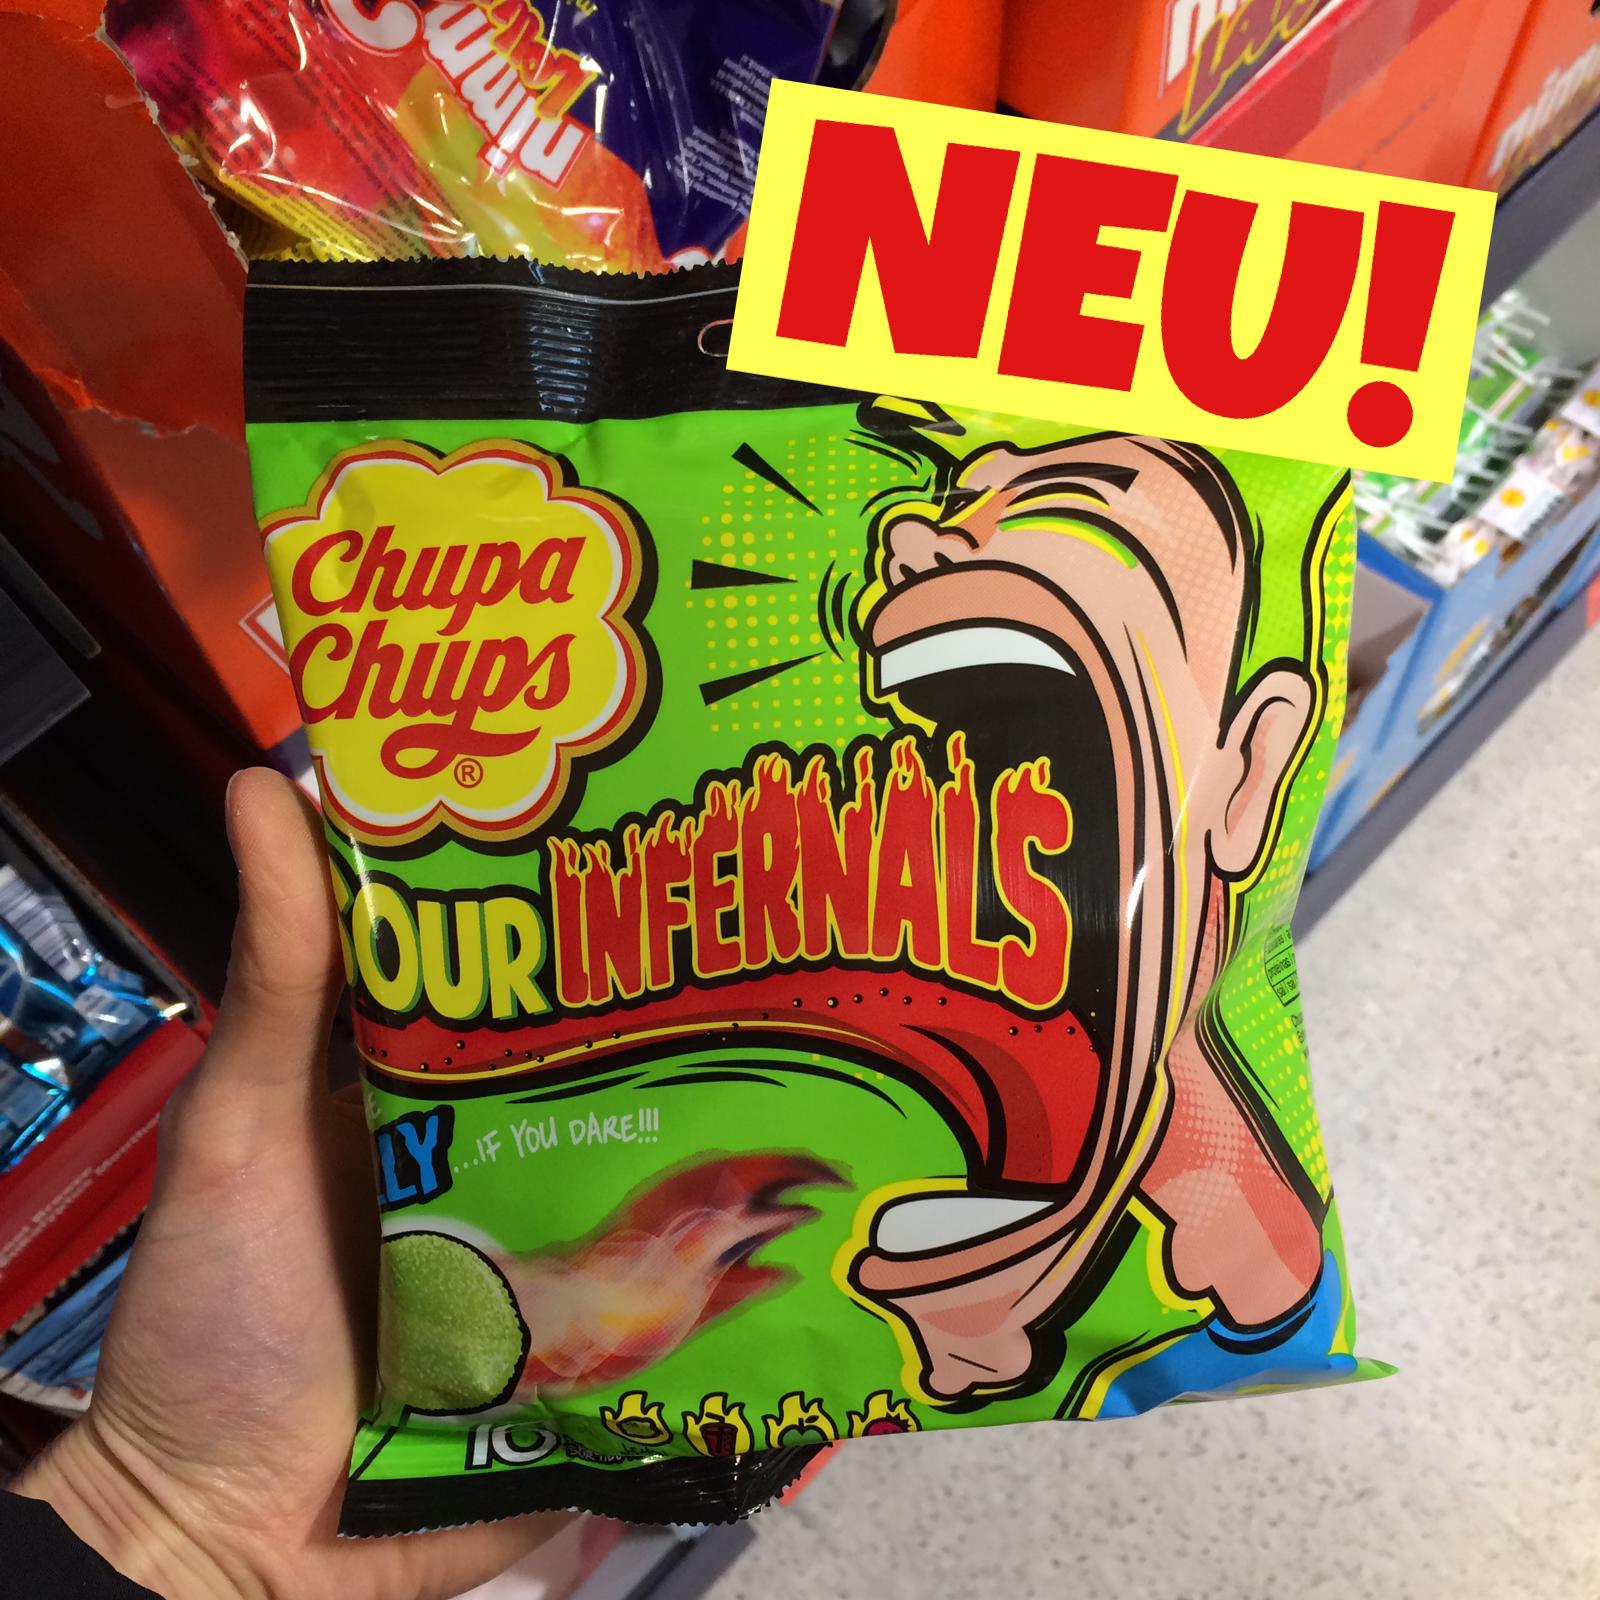 Chupa Chups Sour Invernals